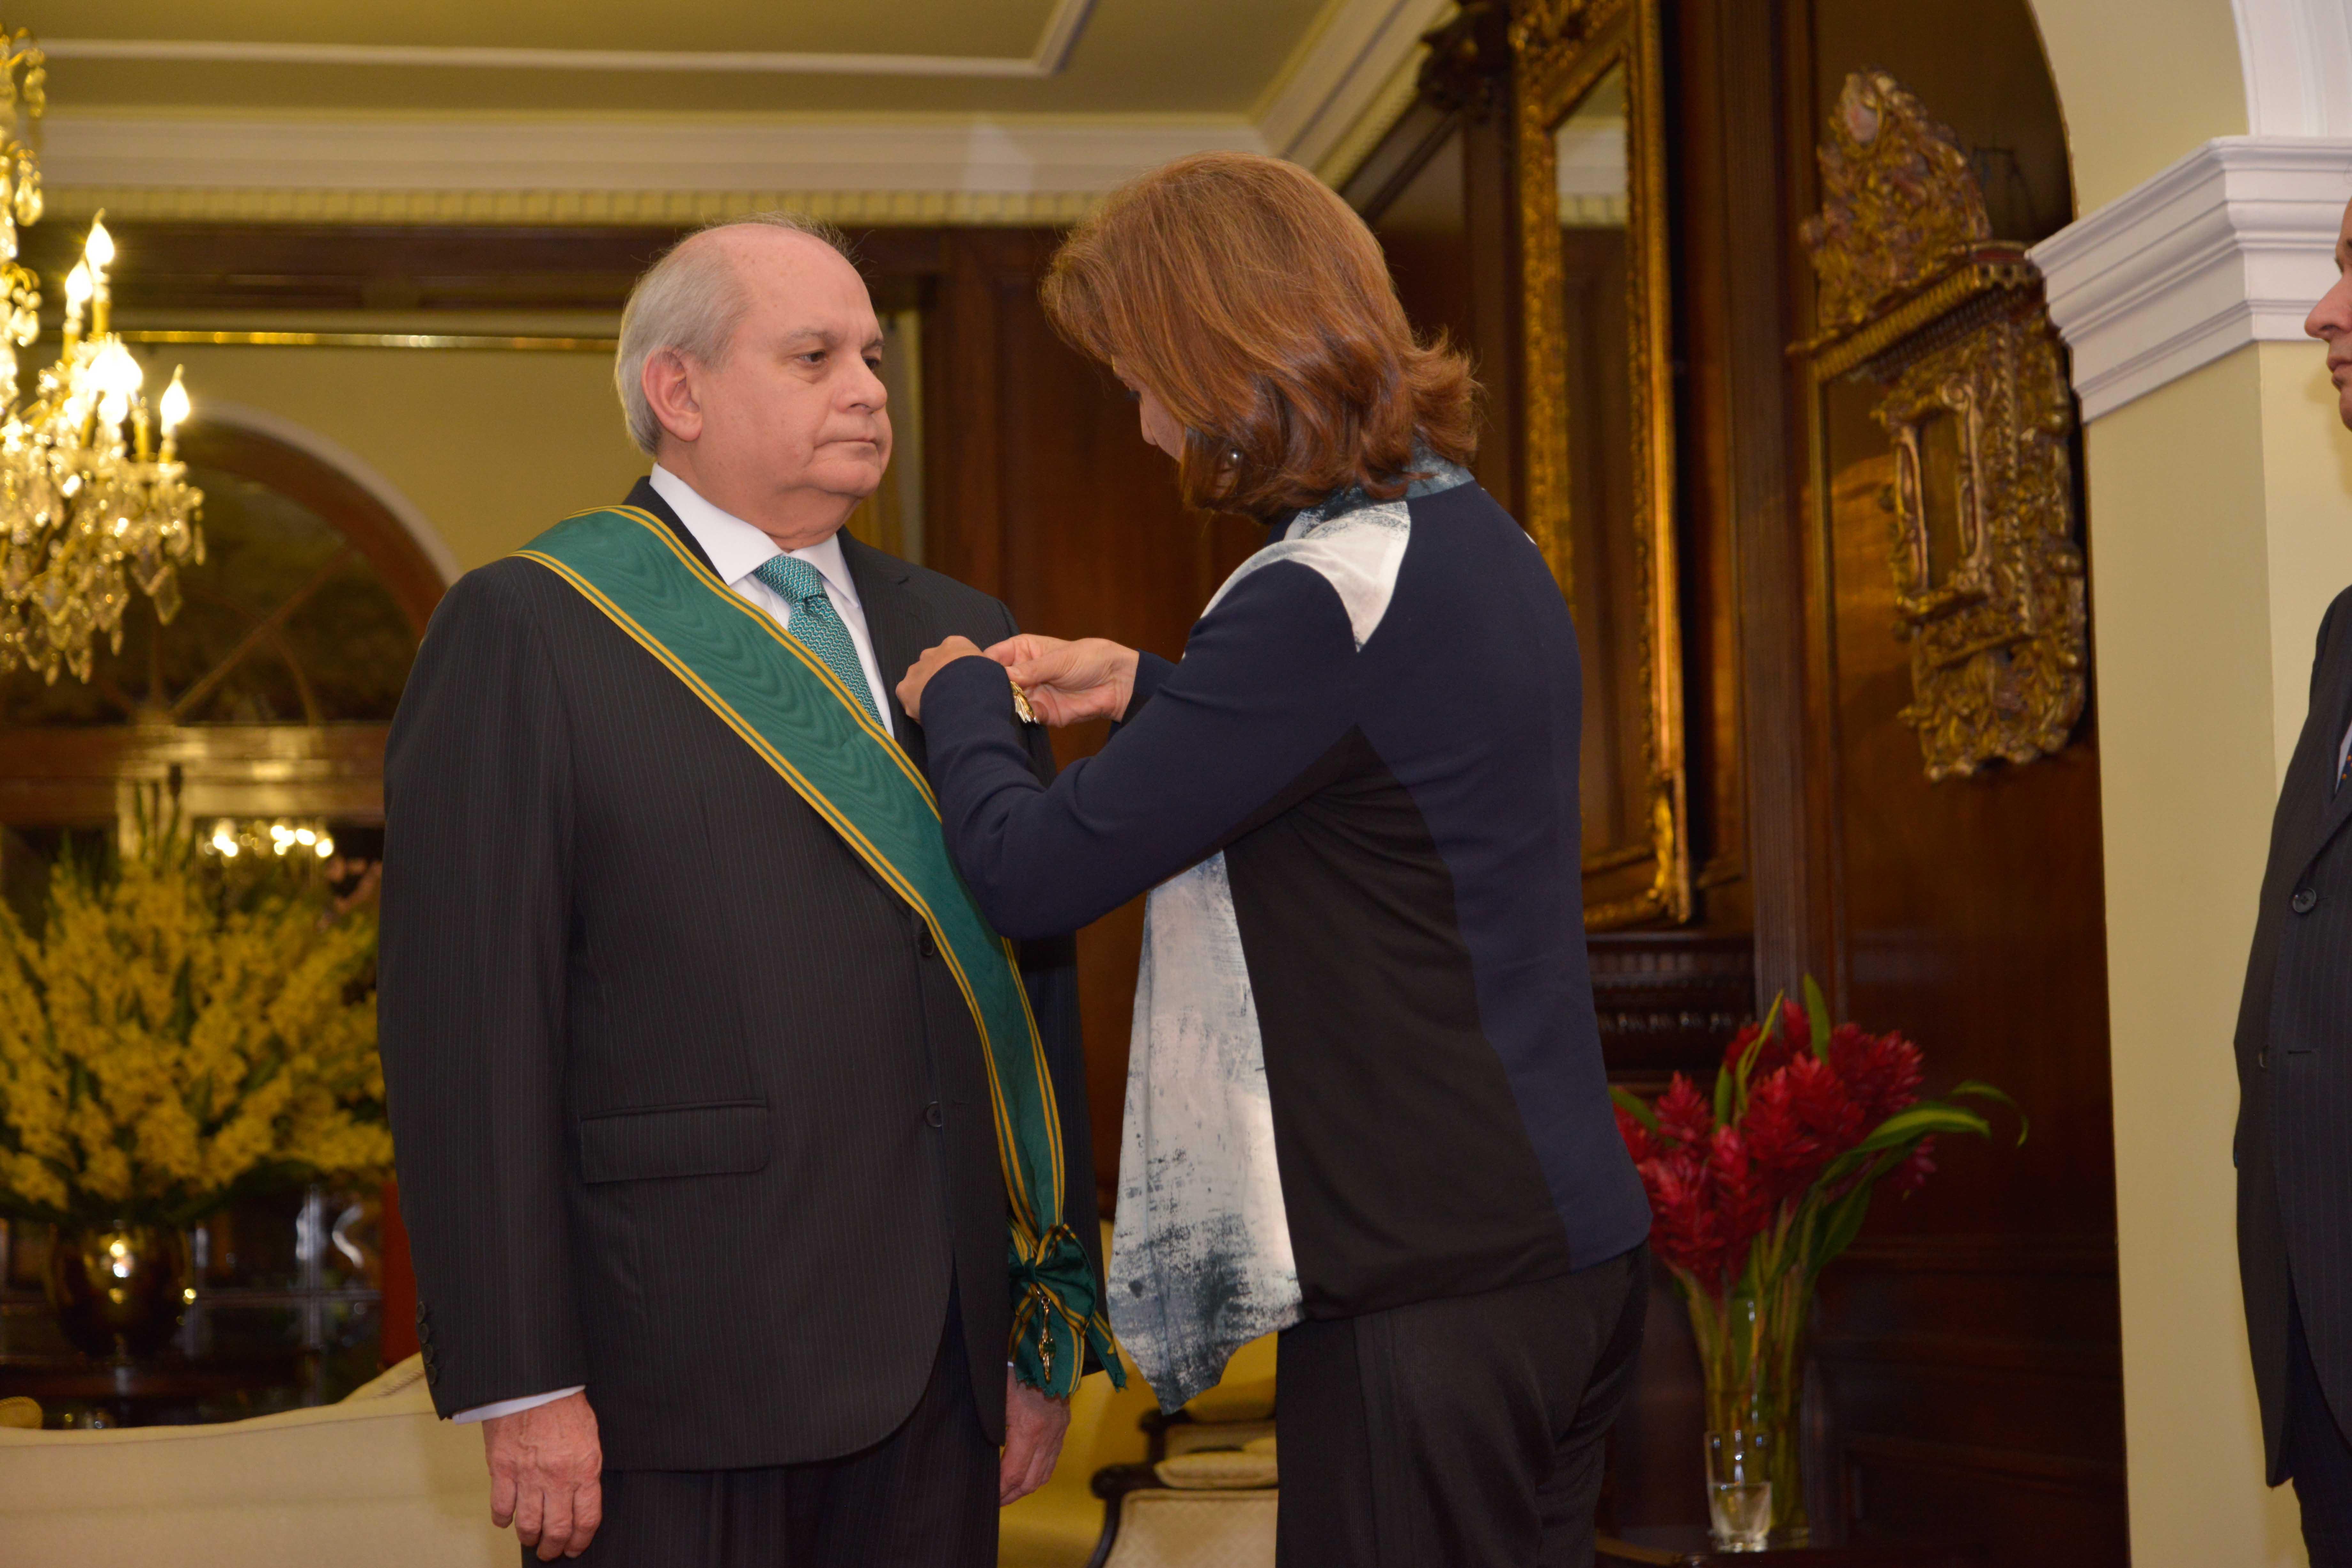 La Ministra de Relaciones Exteriores de Colombia condecora al Premier Pedro Cateriano